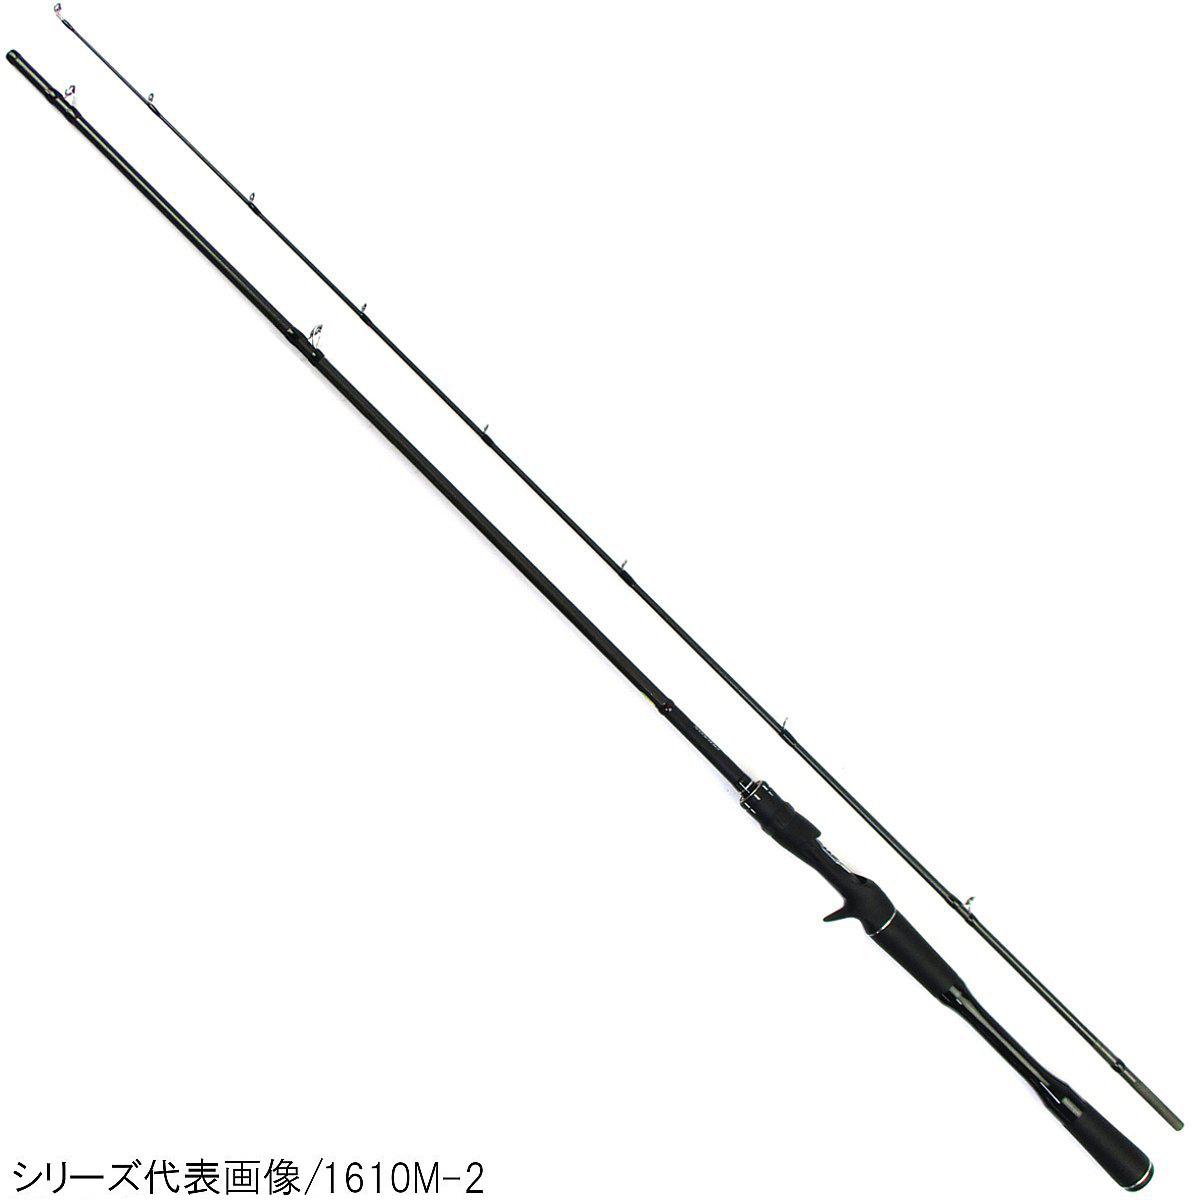 シマノ ポイズンアドレナ センターカット2ピース(ベイト) 166M-2